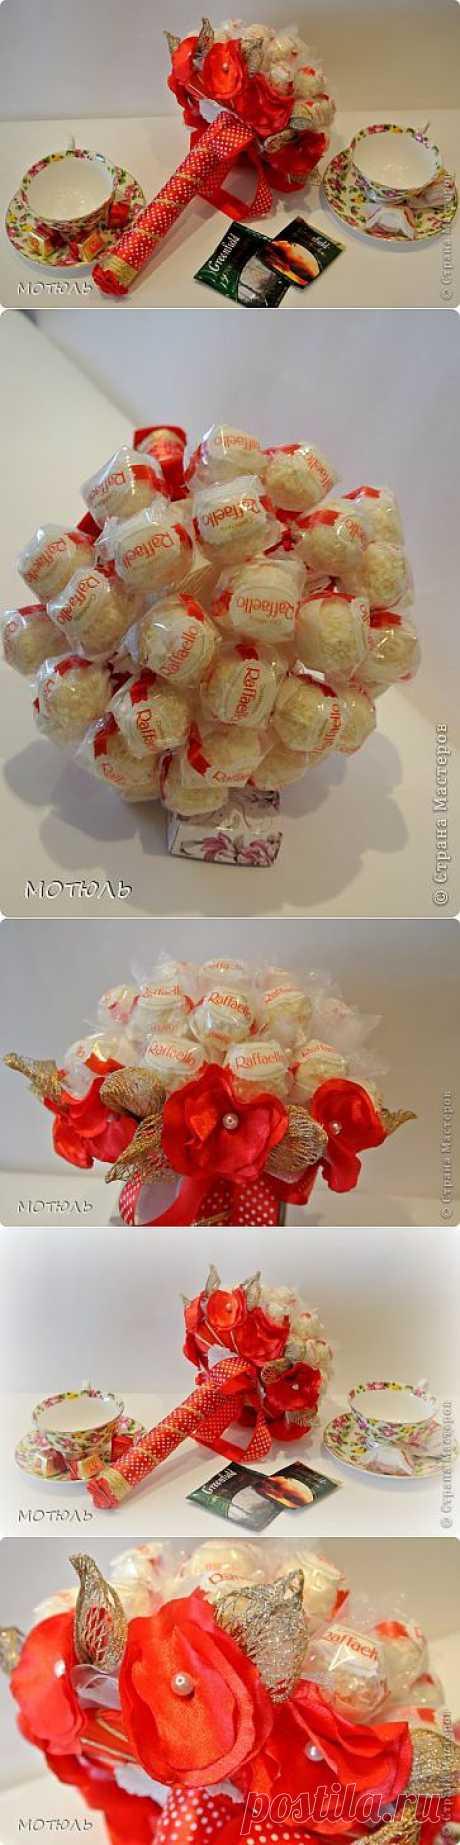 Букет из конфет Рафаэлло | СВОИМИ РУКАМИ